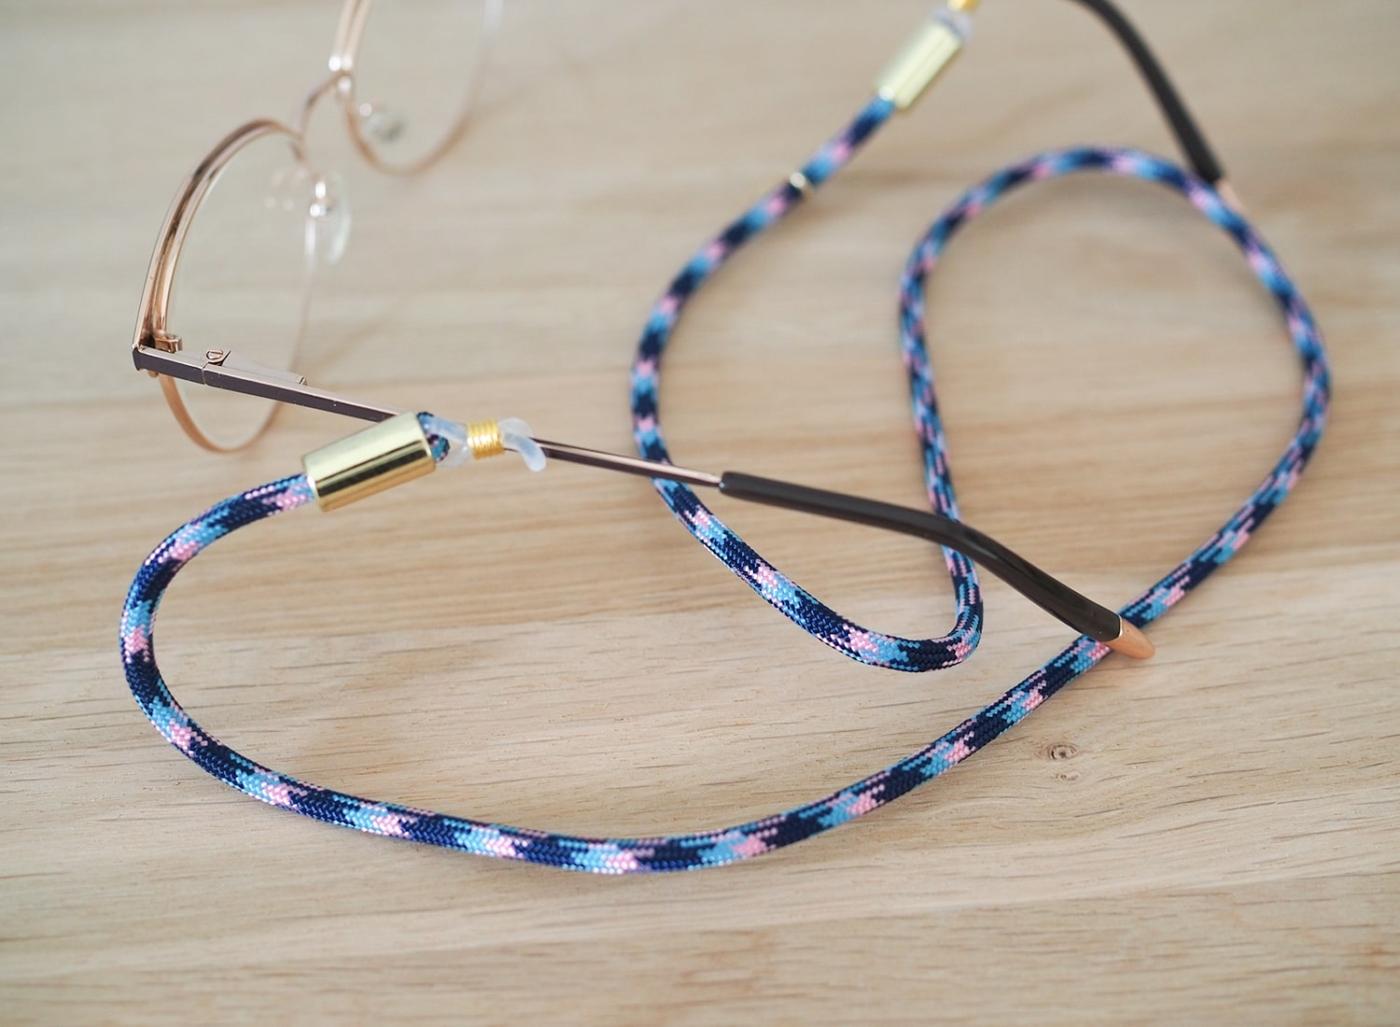 Brillenband gemustert in blau rosa mit goldenen liebevollen Details